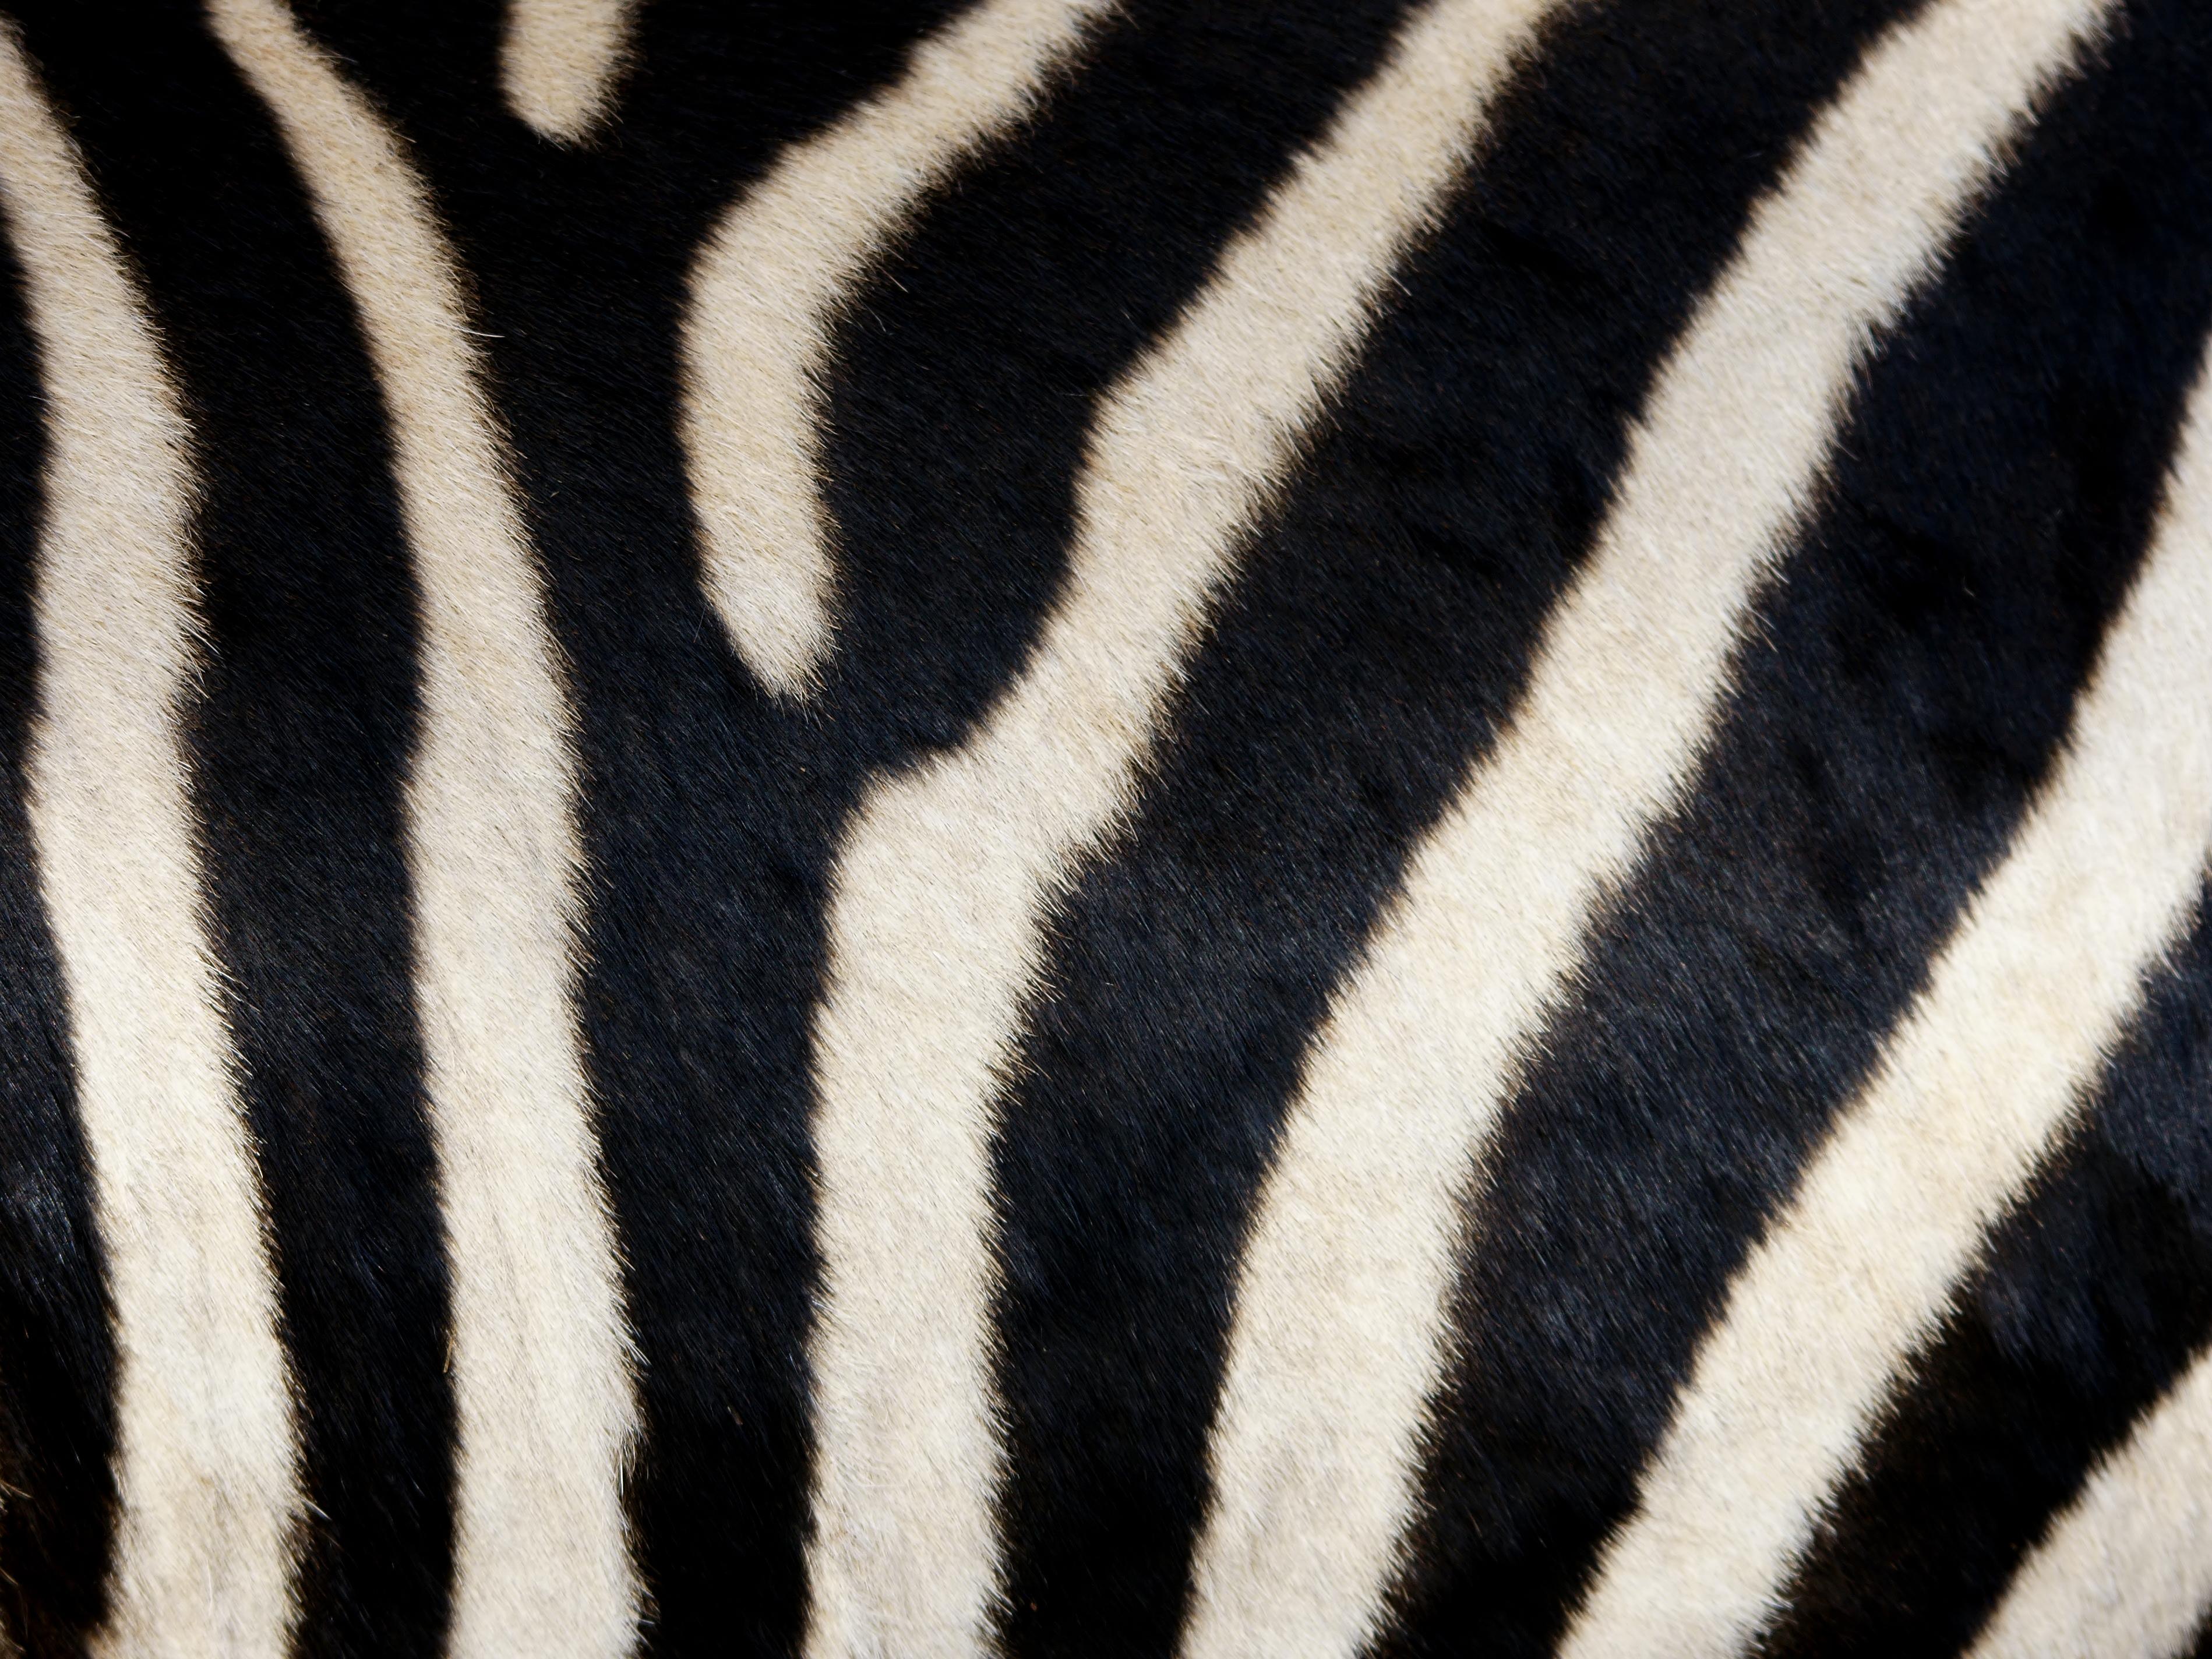 Equus_quagga_boehmi_(skin).jpg